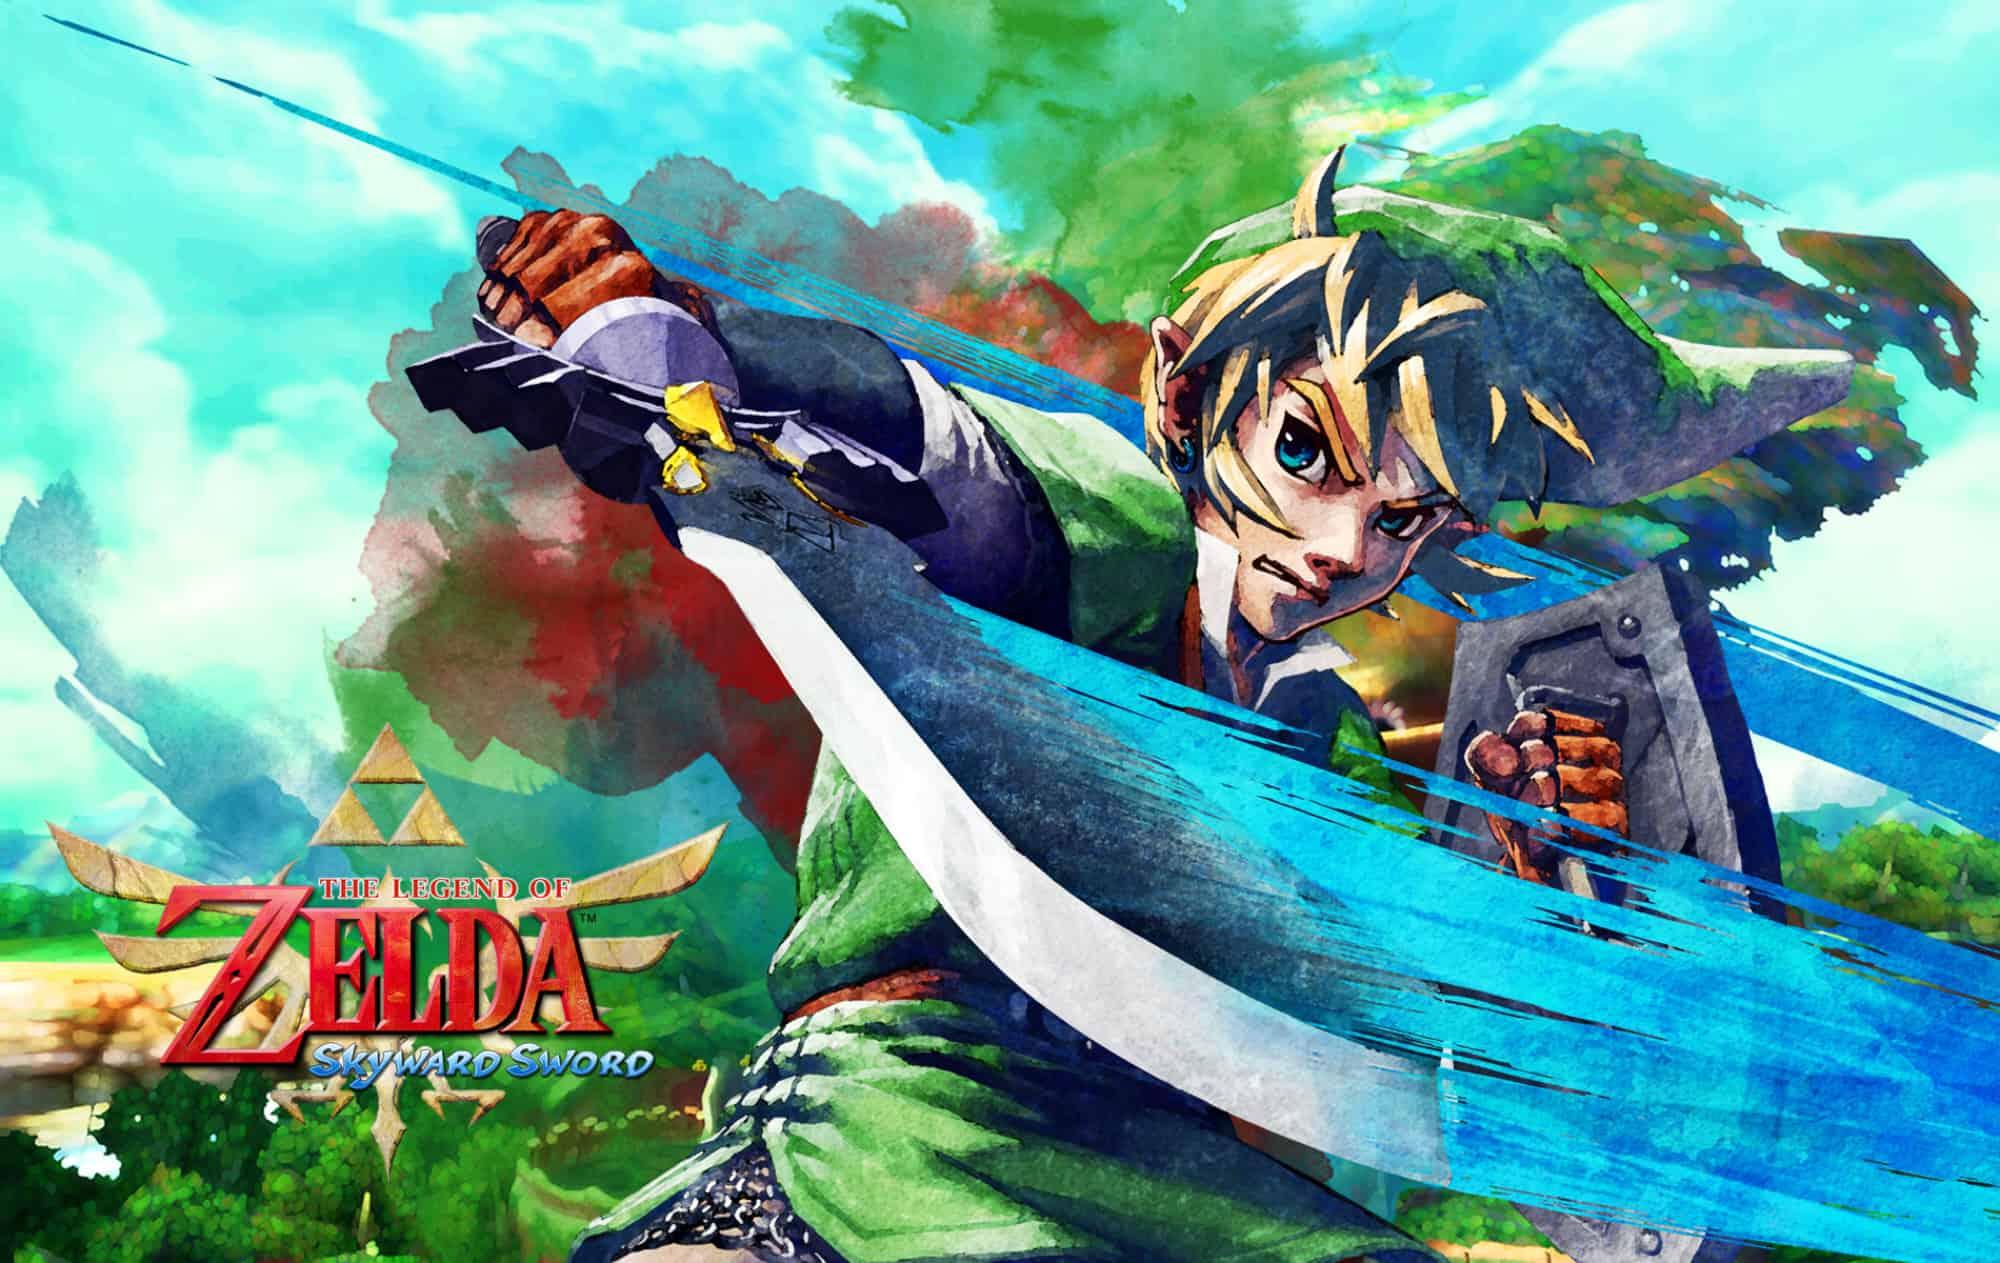 Best Zelda Games - The Legend of Zelda - Skyward Sword